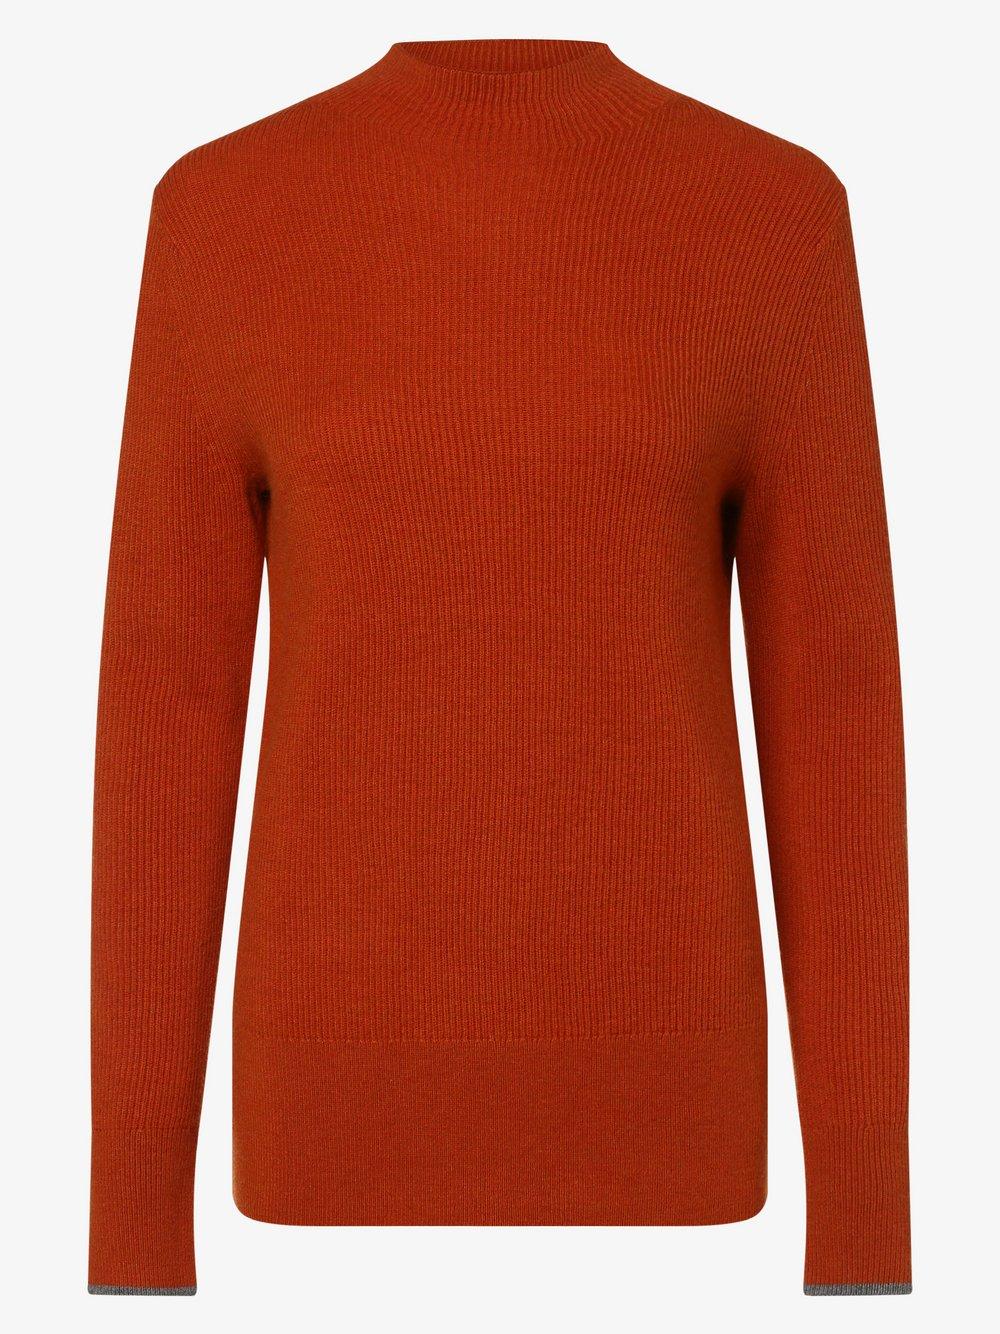 Calvin Klein - Sweter damski, pomarańczowy